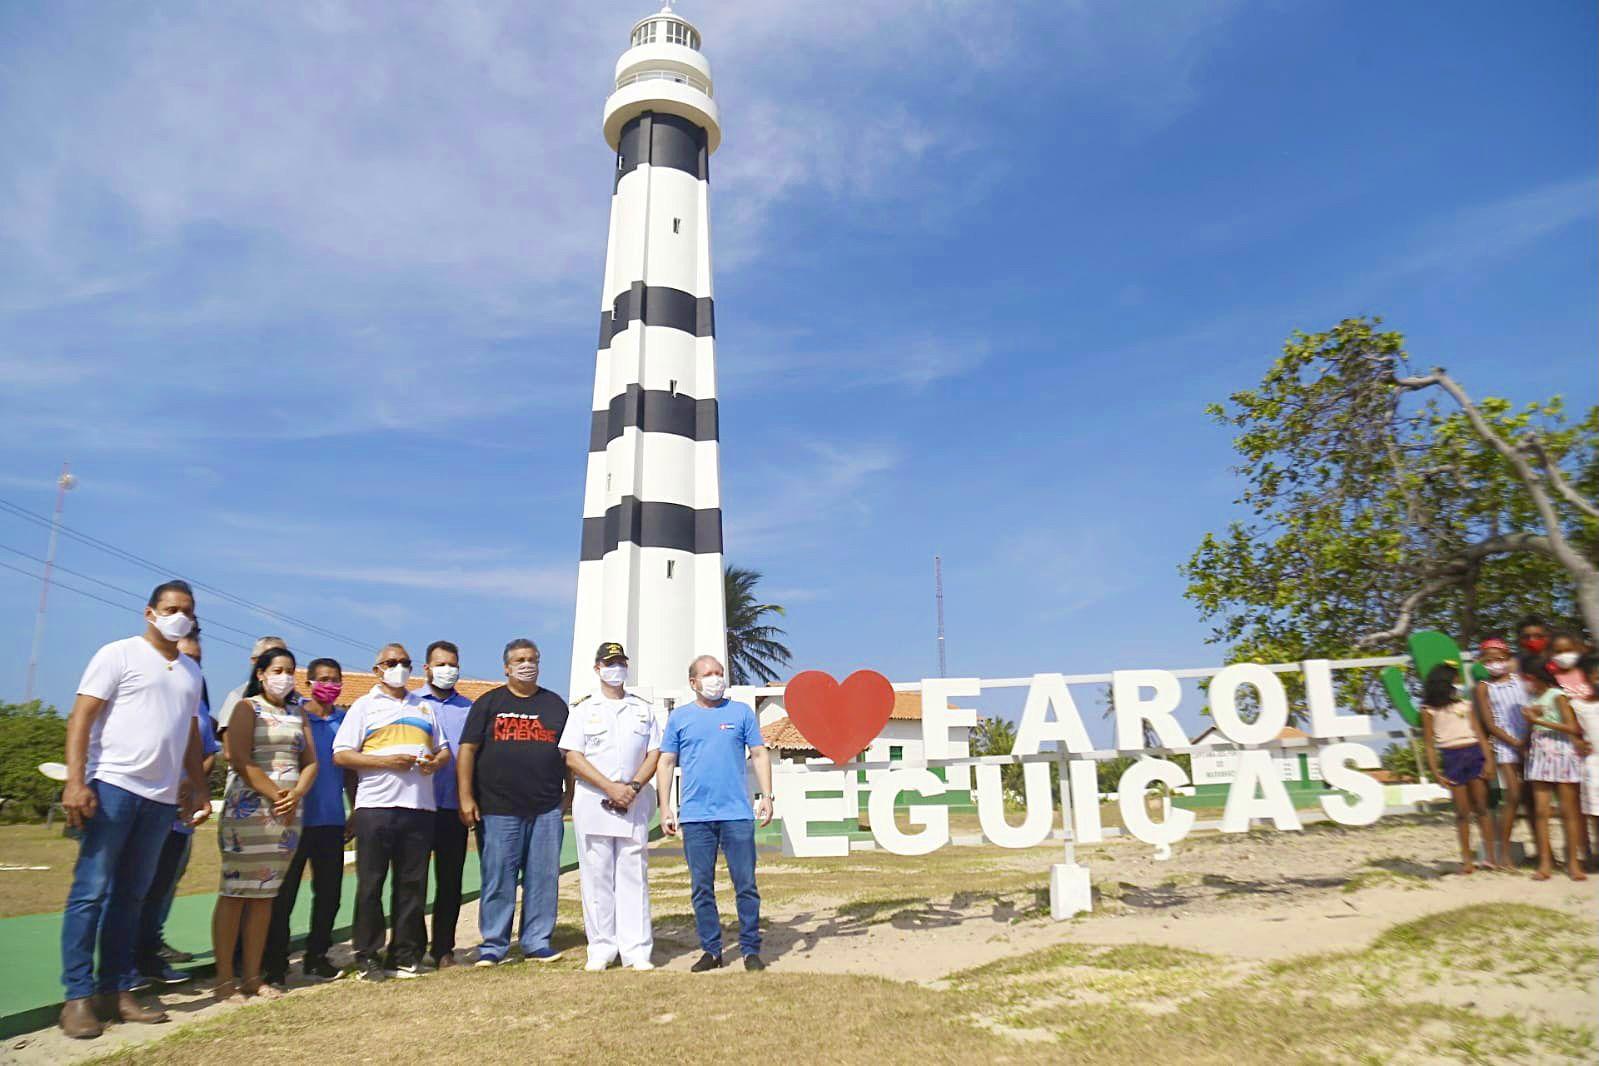 Othelino na reinauguração do Farol Preguiças, no povoado Mandacaru, entregue pelo governador Flávio Dino